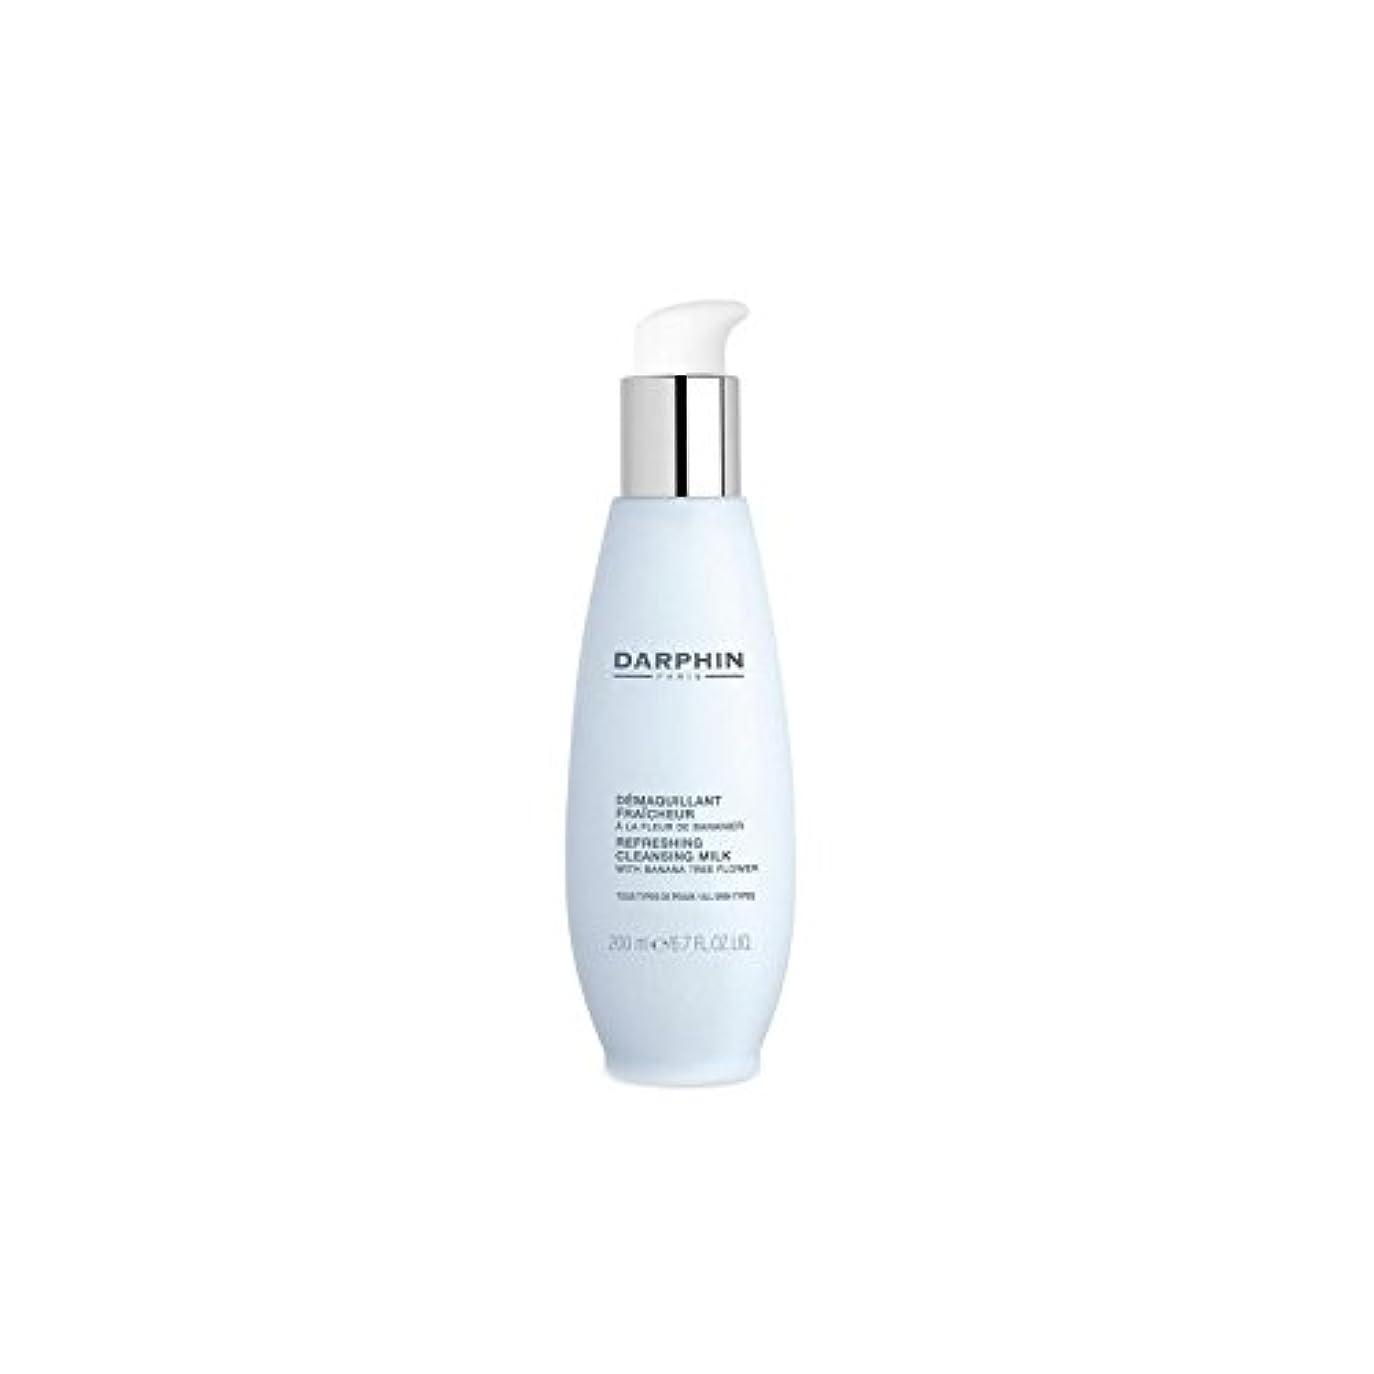 ネックレスフェロー諸島ほんのさわやかなクレンジングミルクをダルファン - 正常な皮膚のために(200ミリリットル) x4 - Darphin Refreshing Cleansing Milk - For Normal Skin (200ml) (...